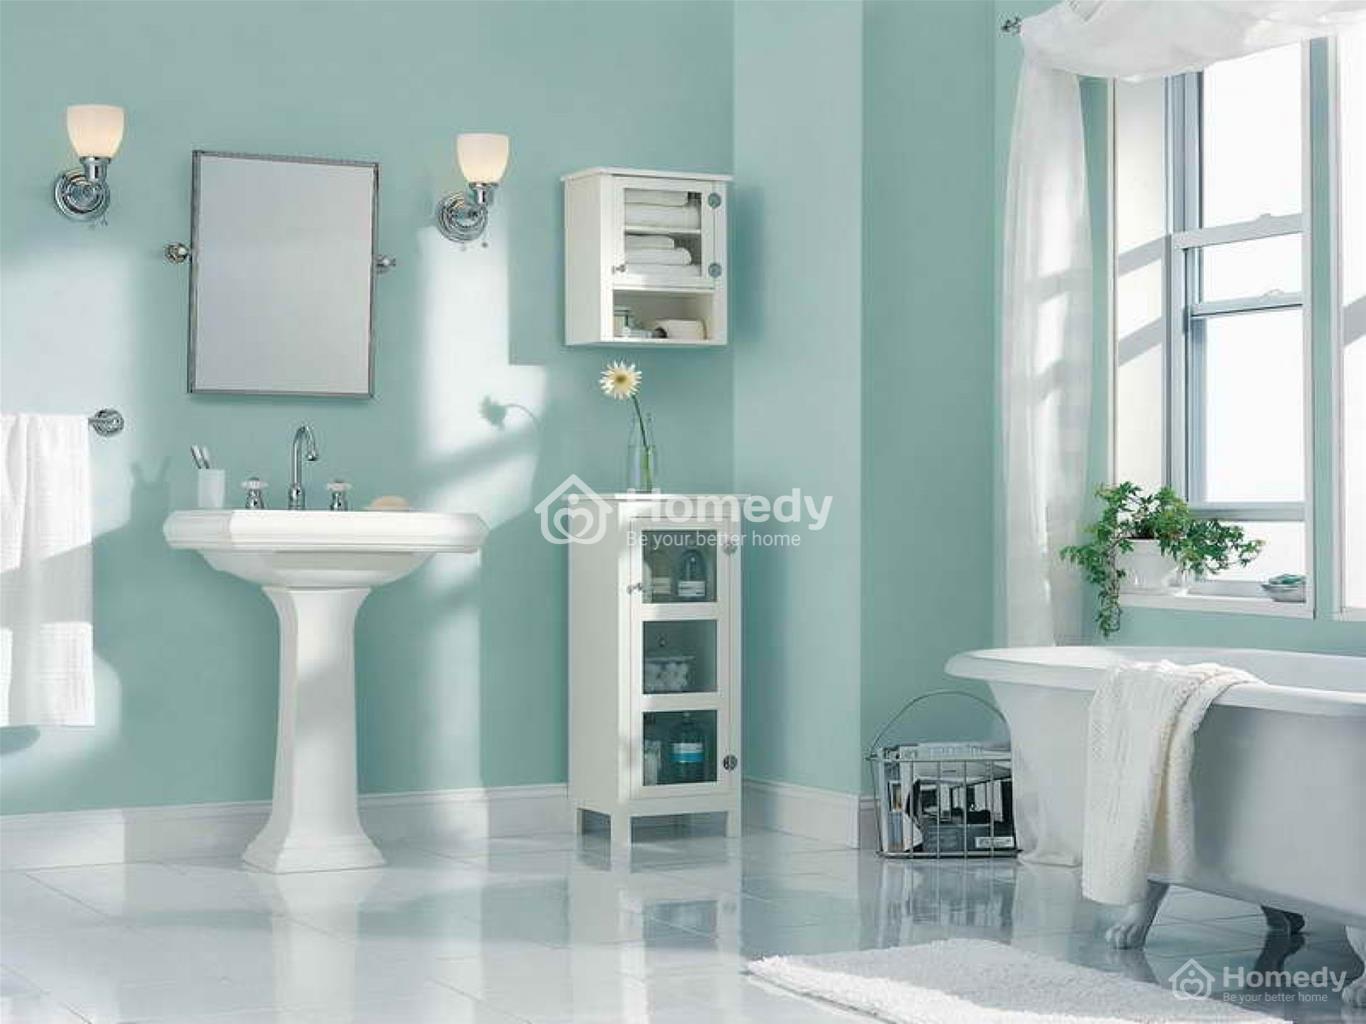 Nhà tắm sơn màu xanh ngọc sach sẽ, sáng sủa